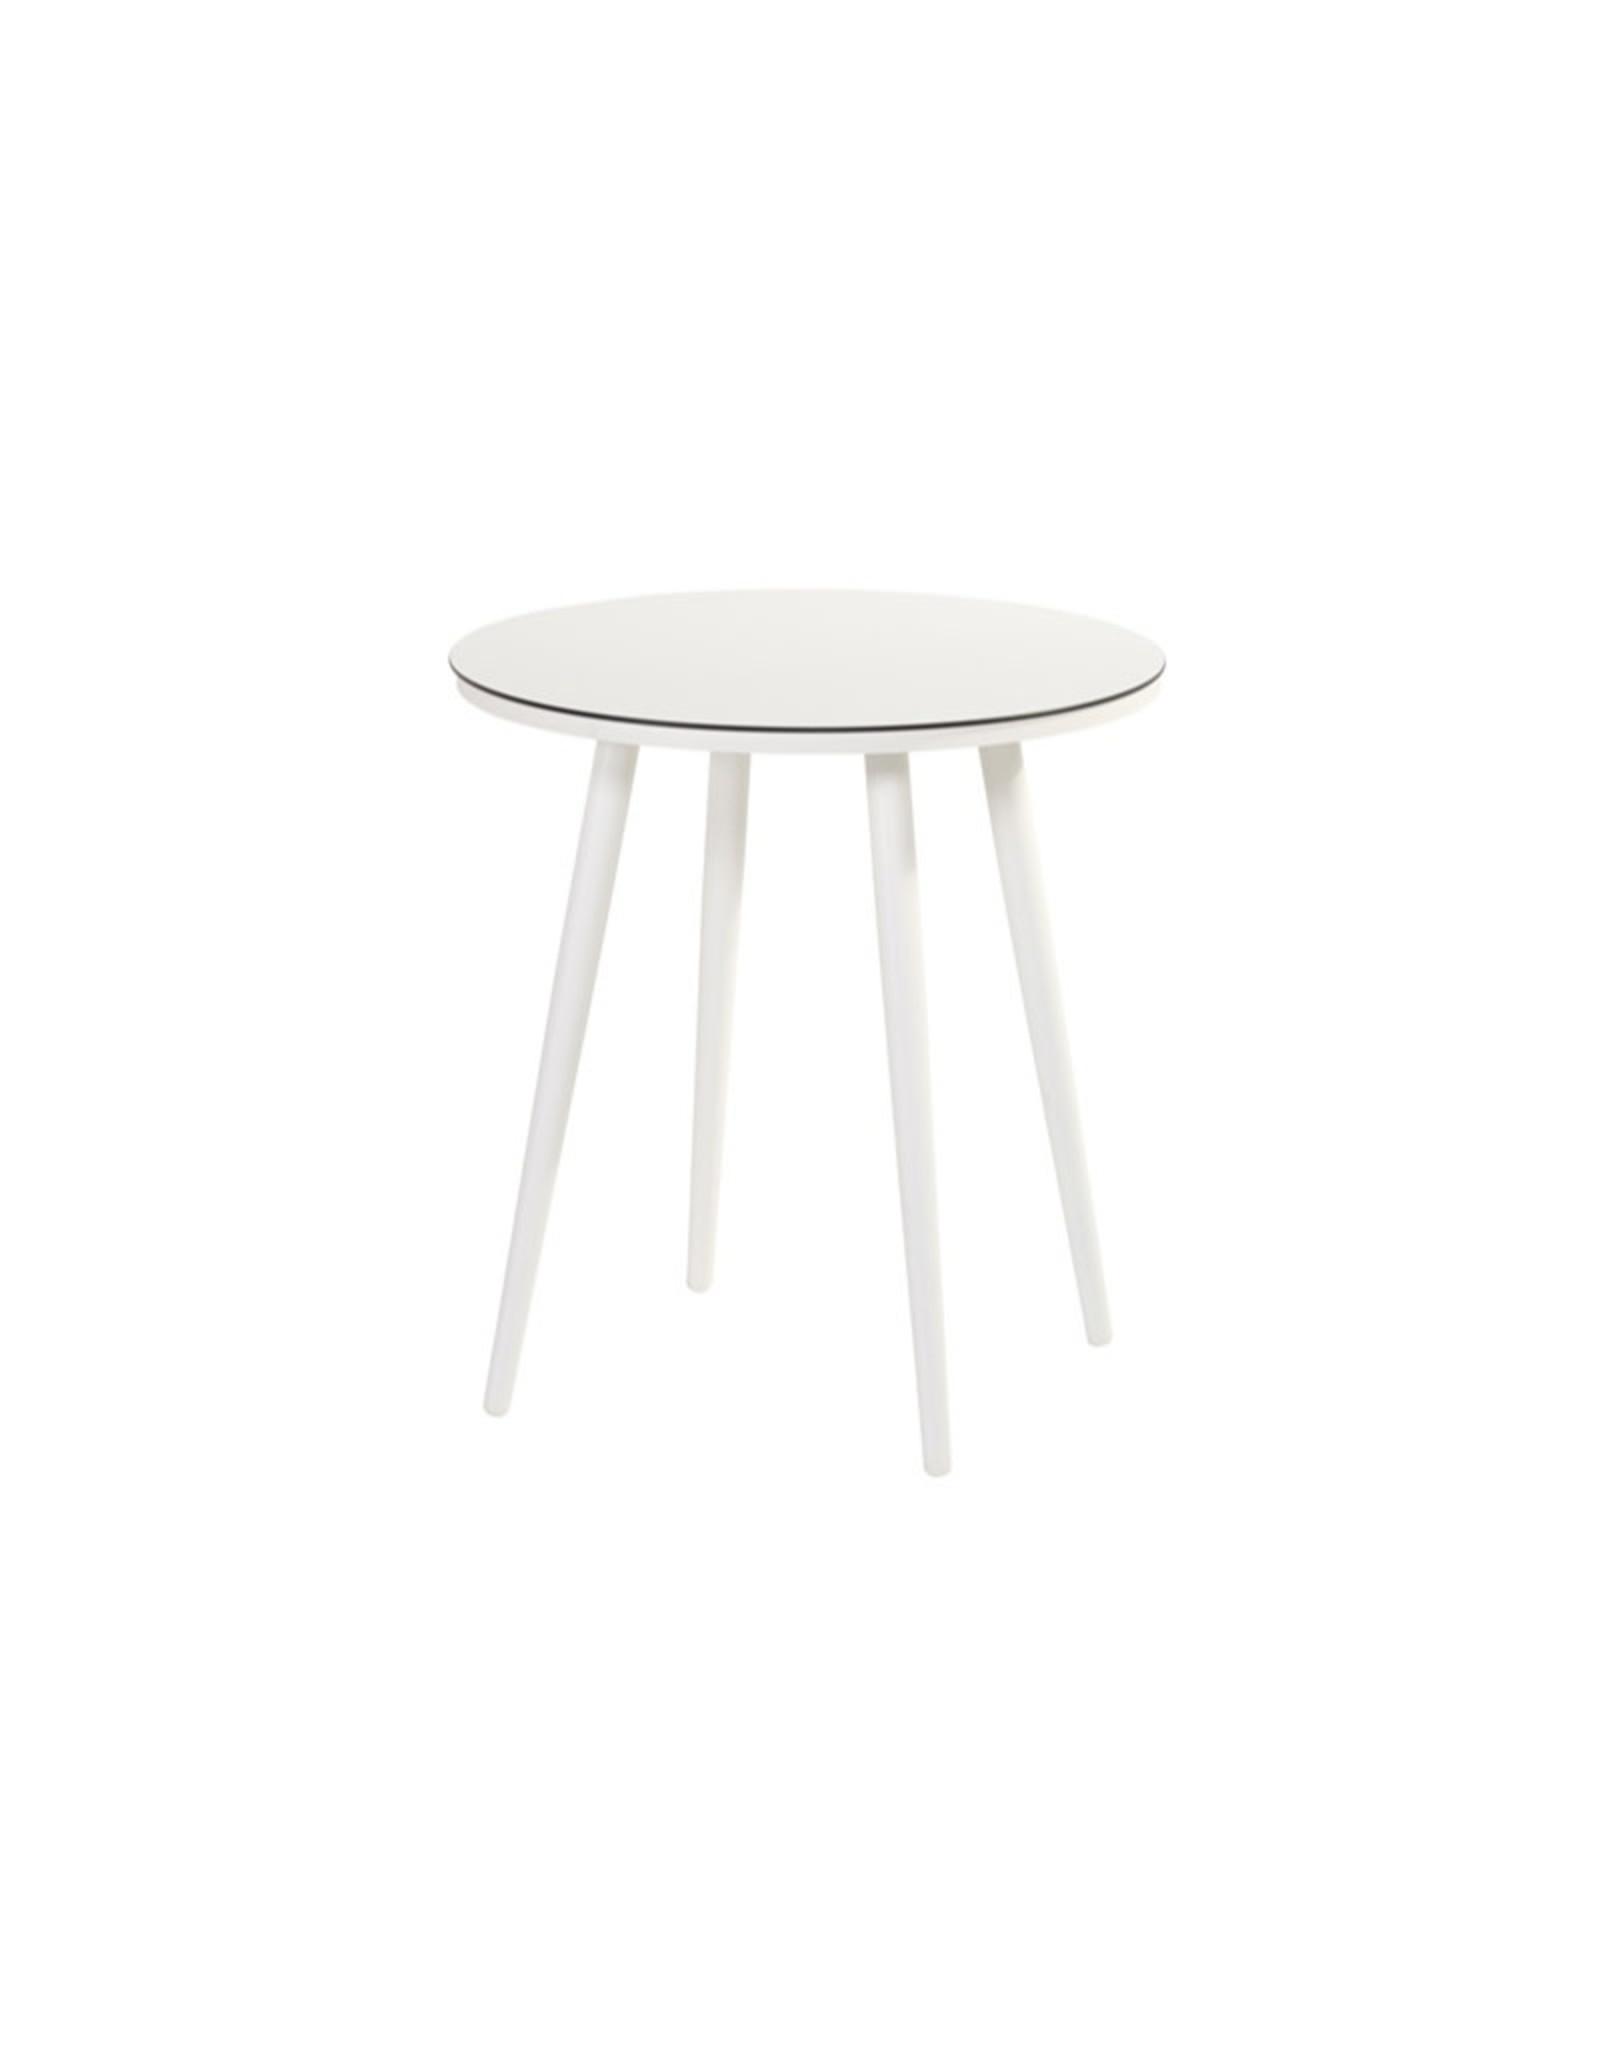 Hartman Hartman Sophie Studio HPL Bistro Table h.70cm, r.66cm